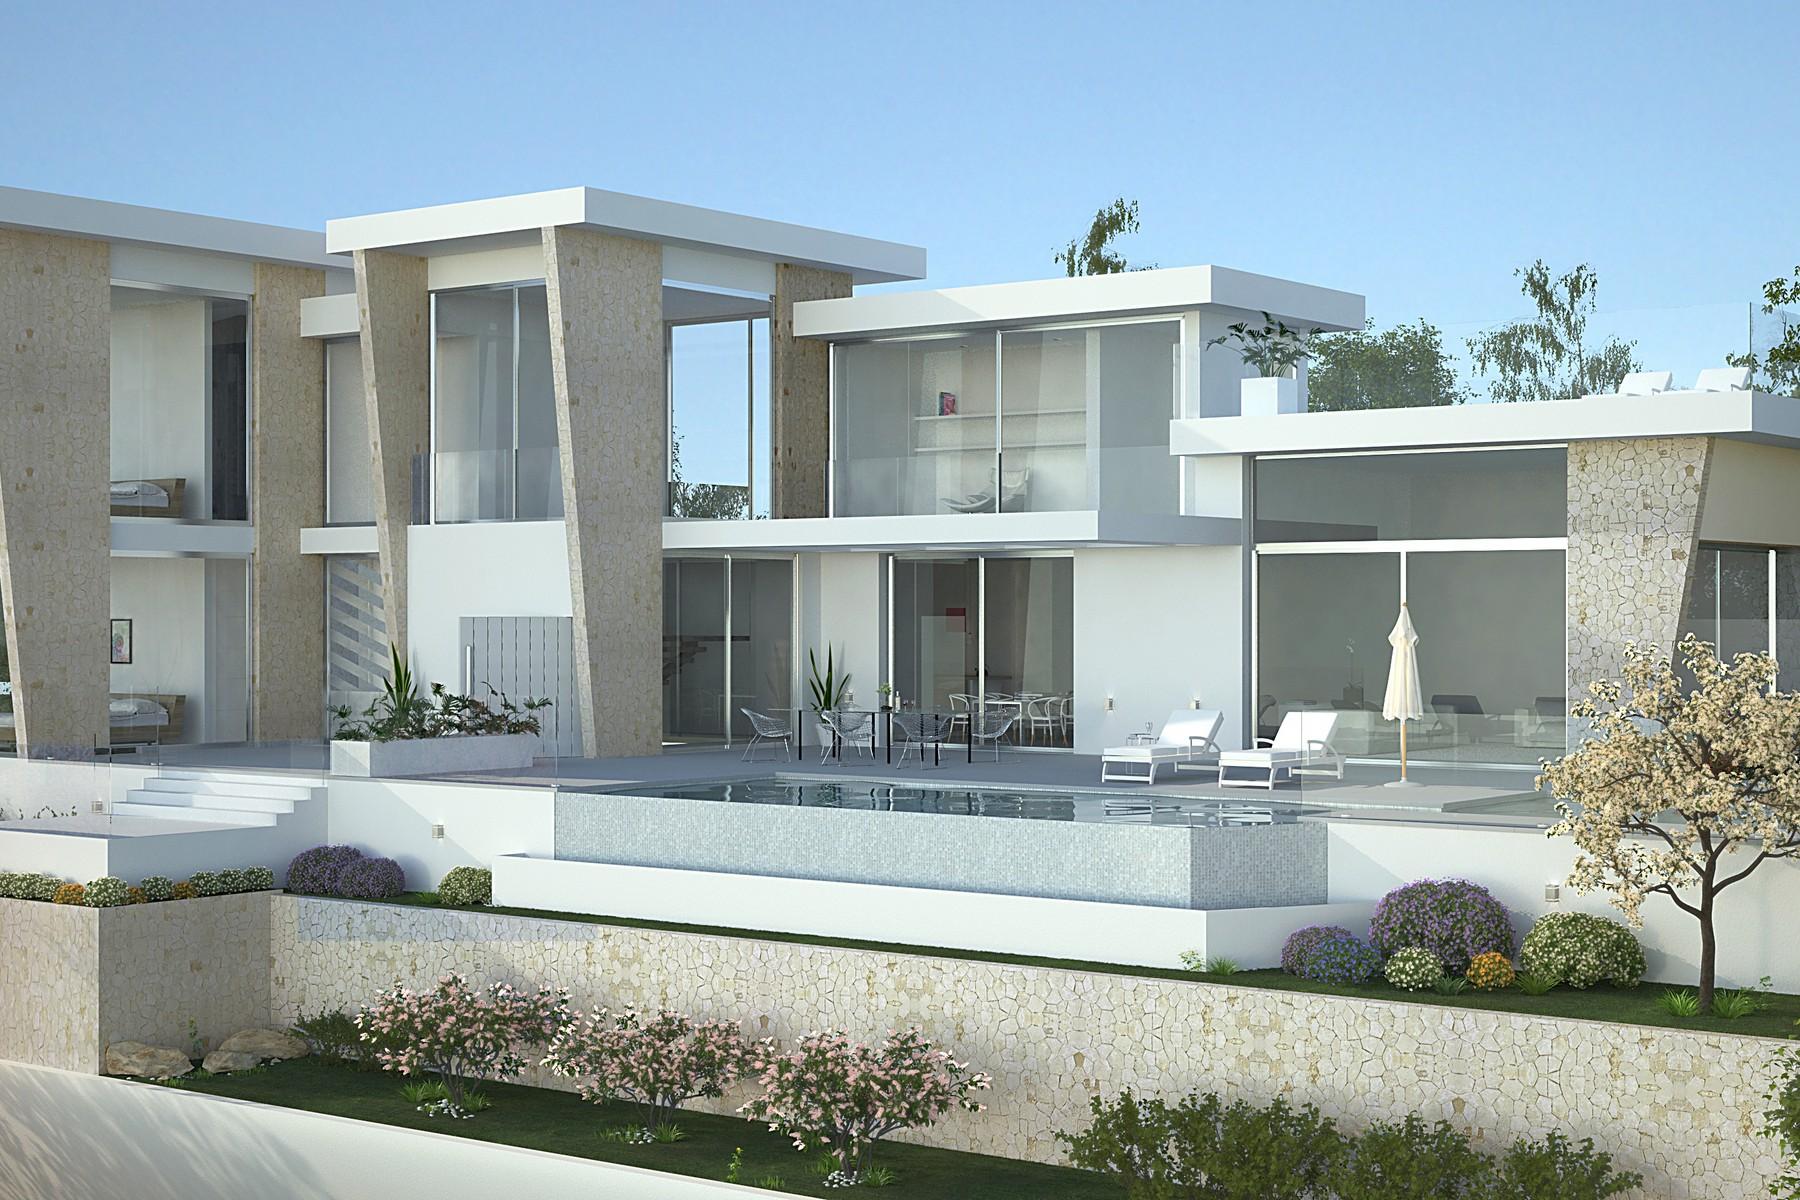 独户住宅 为 销售 在 Luxury villa with sea views in Bendinat Bendinat, 马洛卡 07181 西班牙